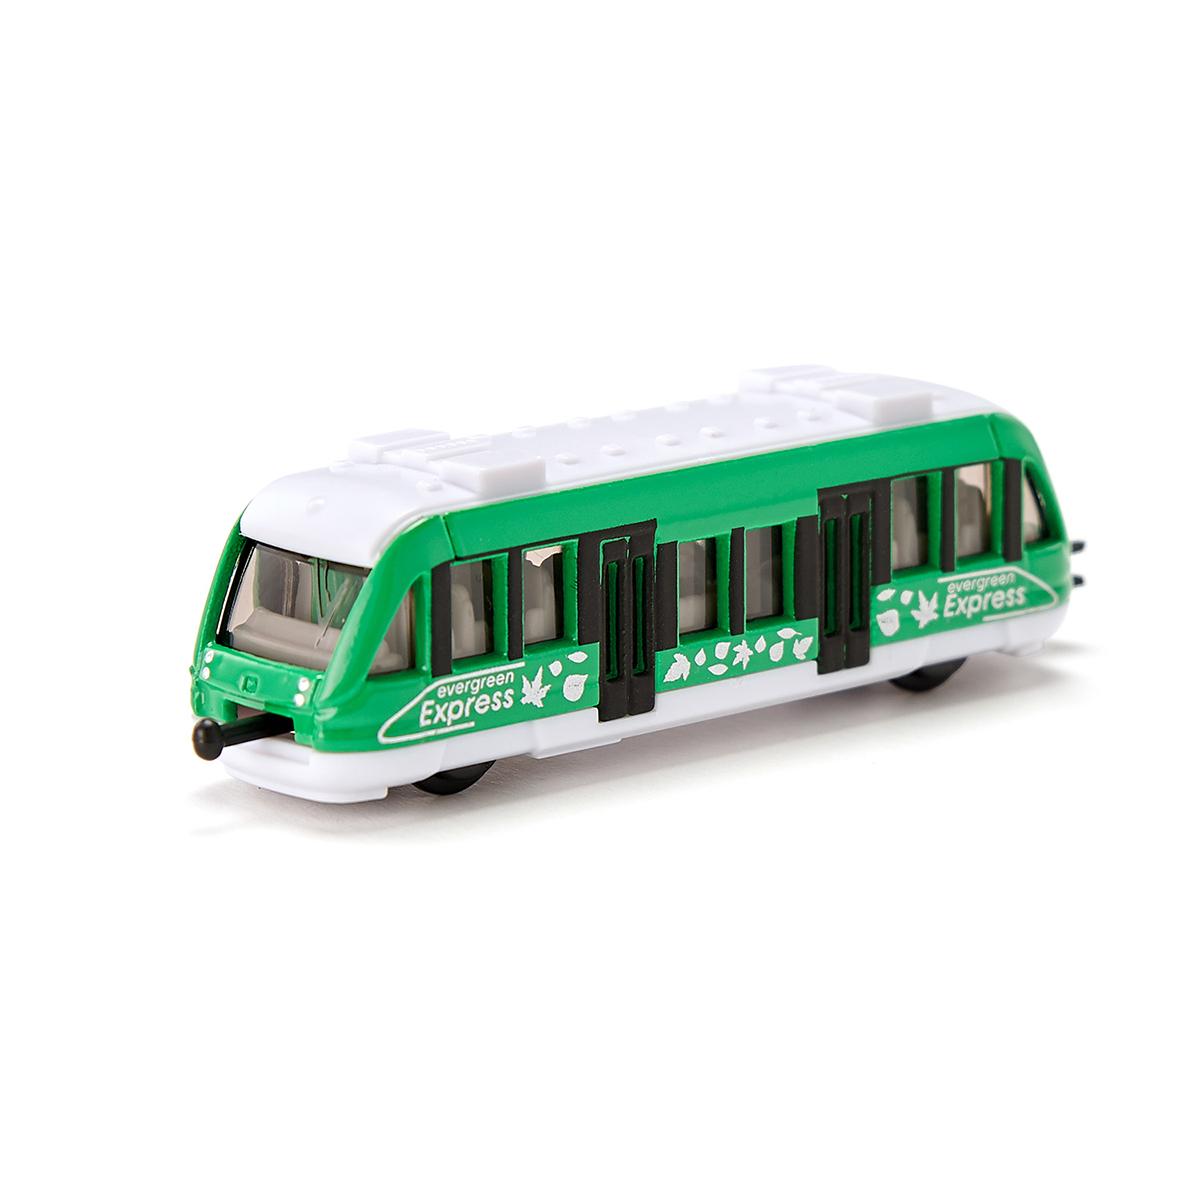 路面電車 レールテープ付き